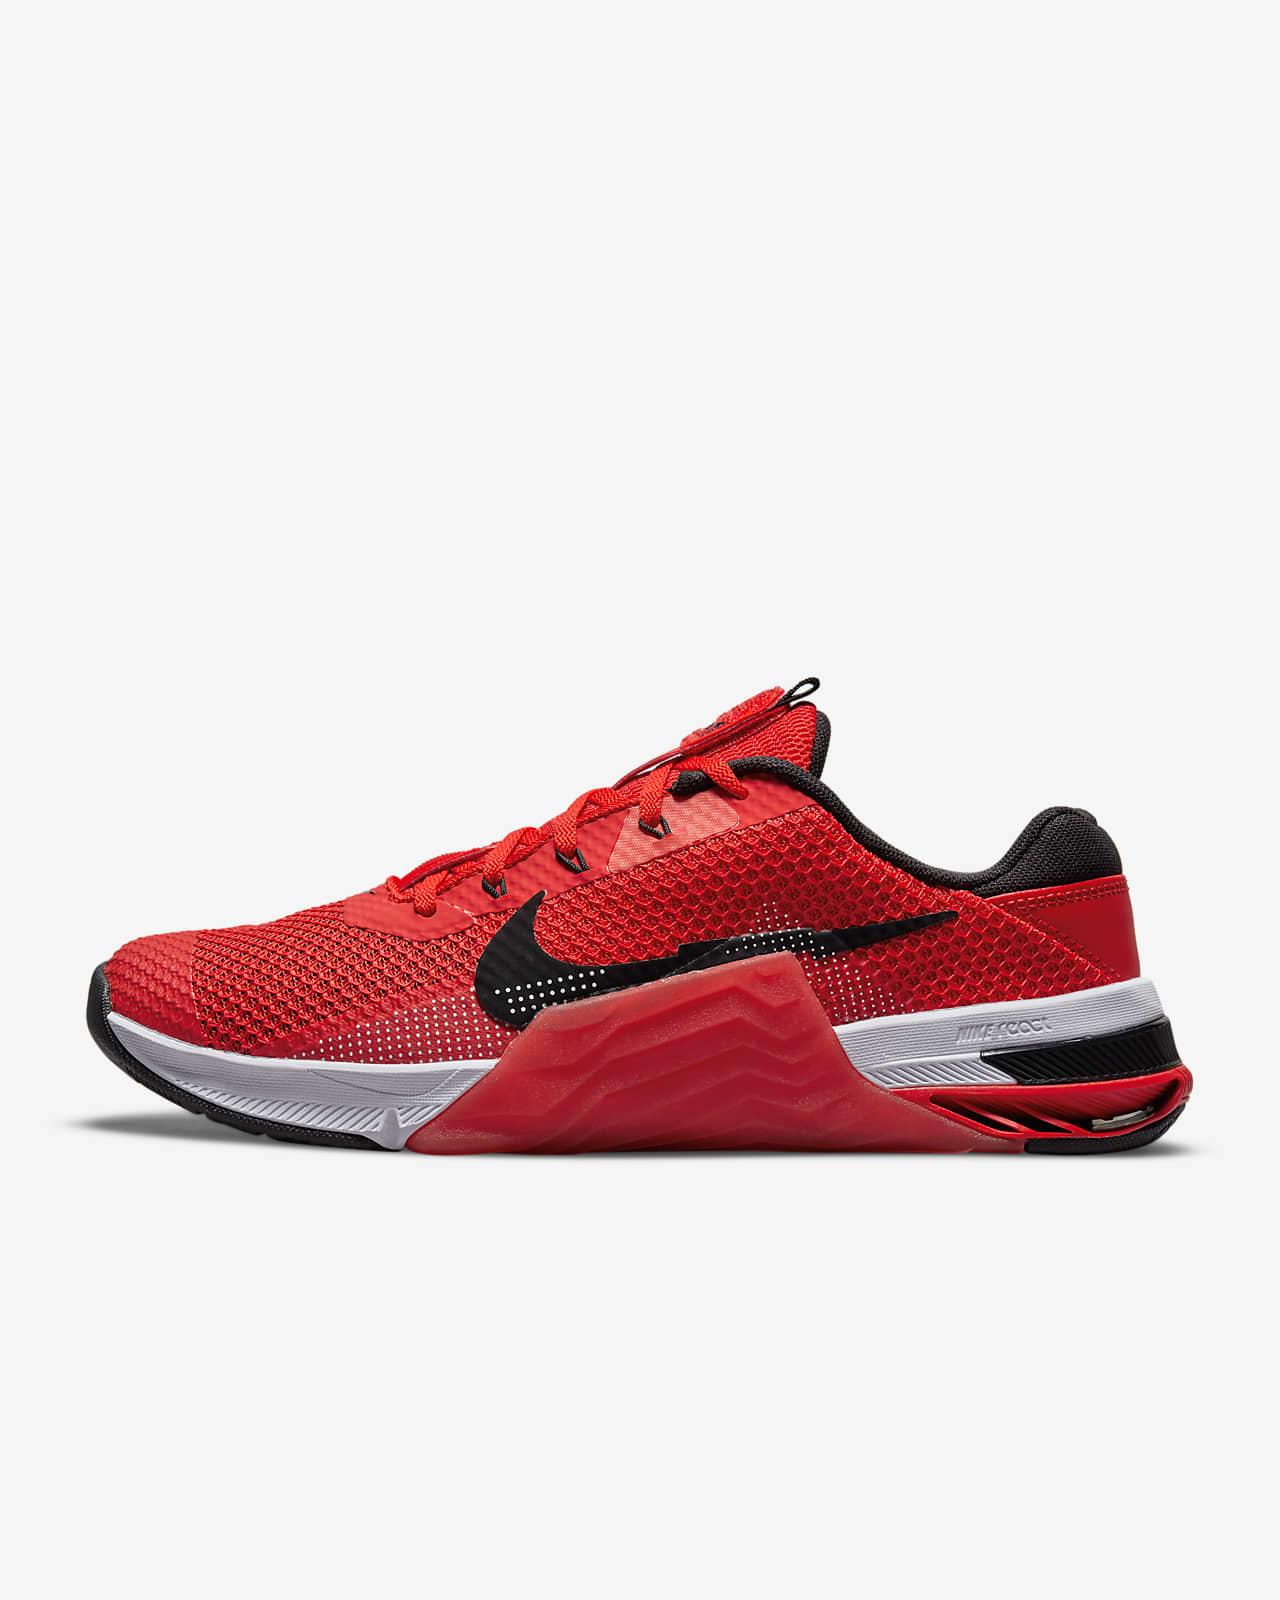 Calzado de entrenamiento Nike Metcon 7